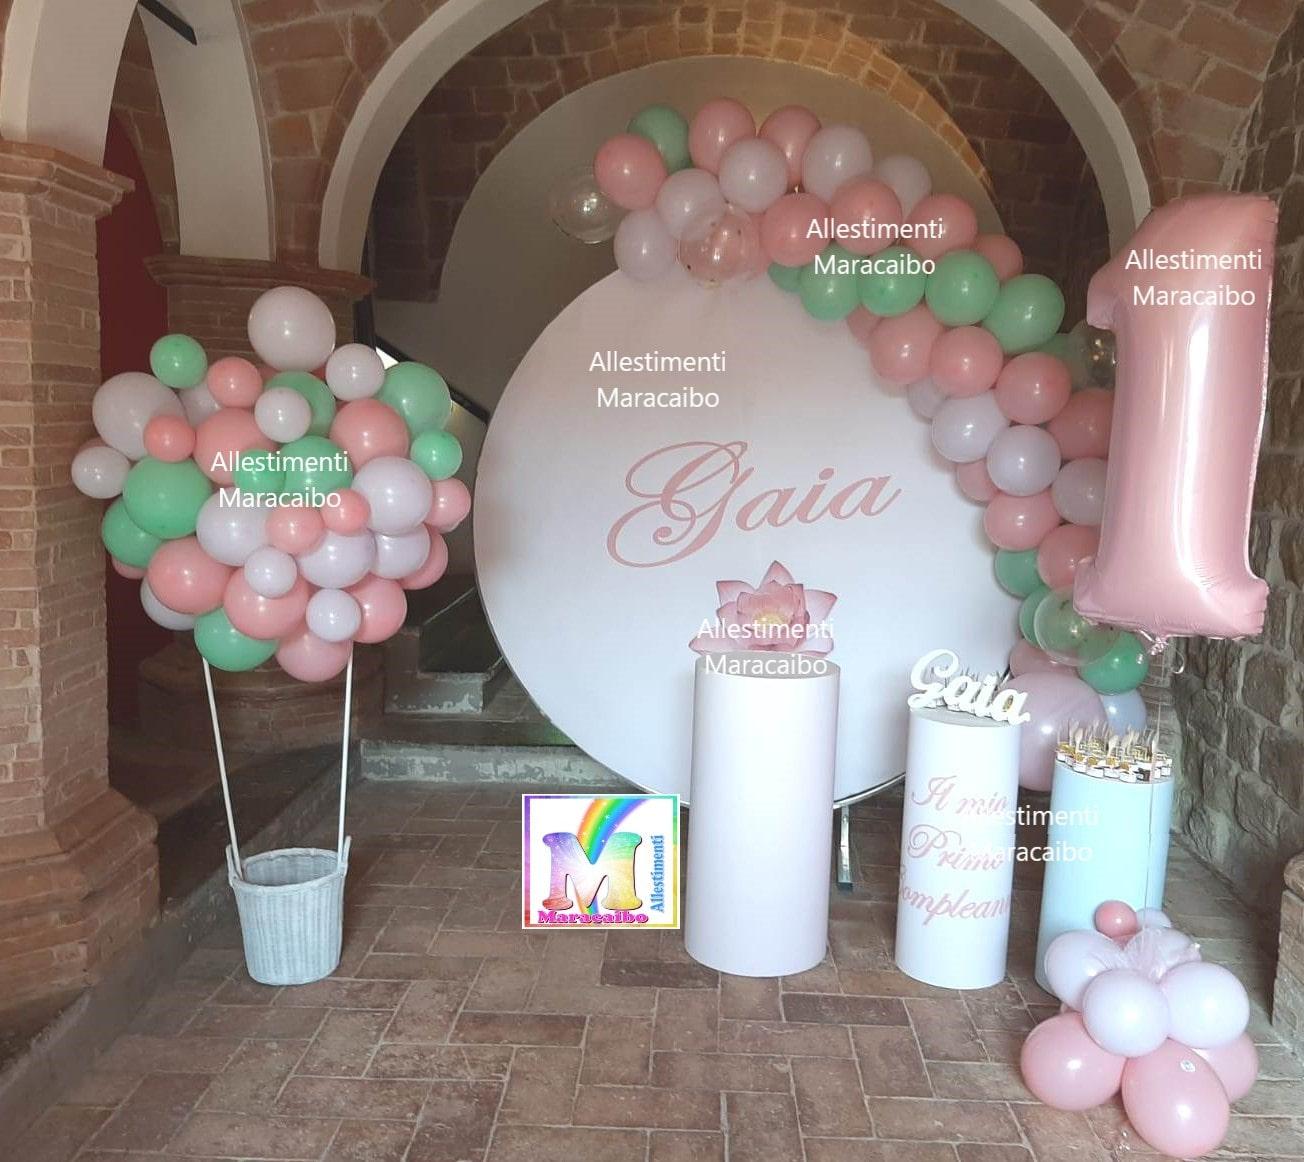 Palloncini primo compleanno battesimi archi stampe personalizzate mongolfiera numero gigante cilindri decorazioni sweet table centrotavola Ancona Macerata